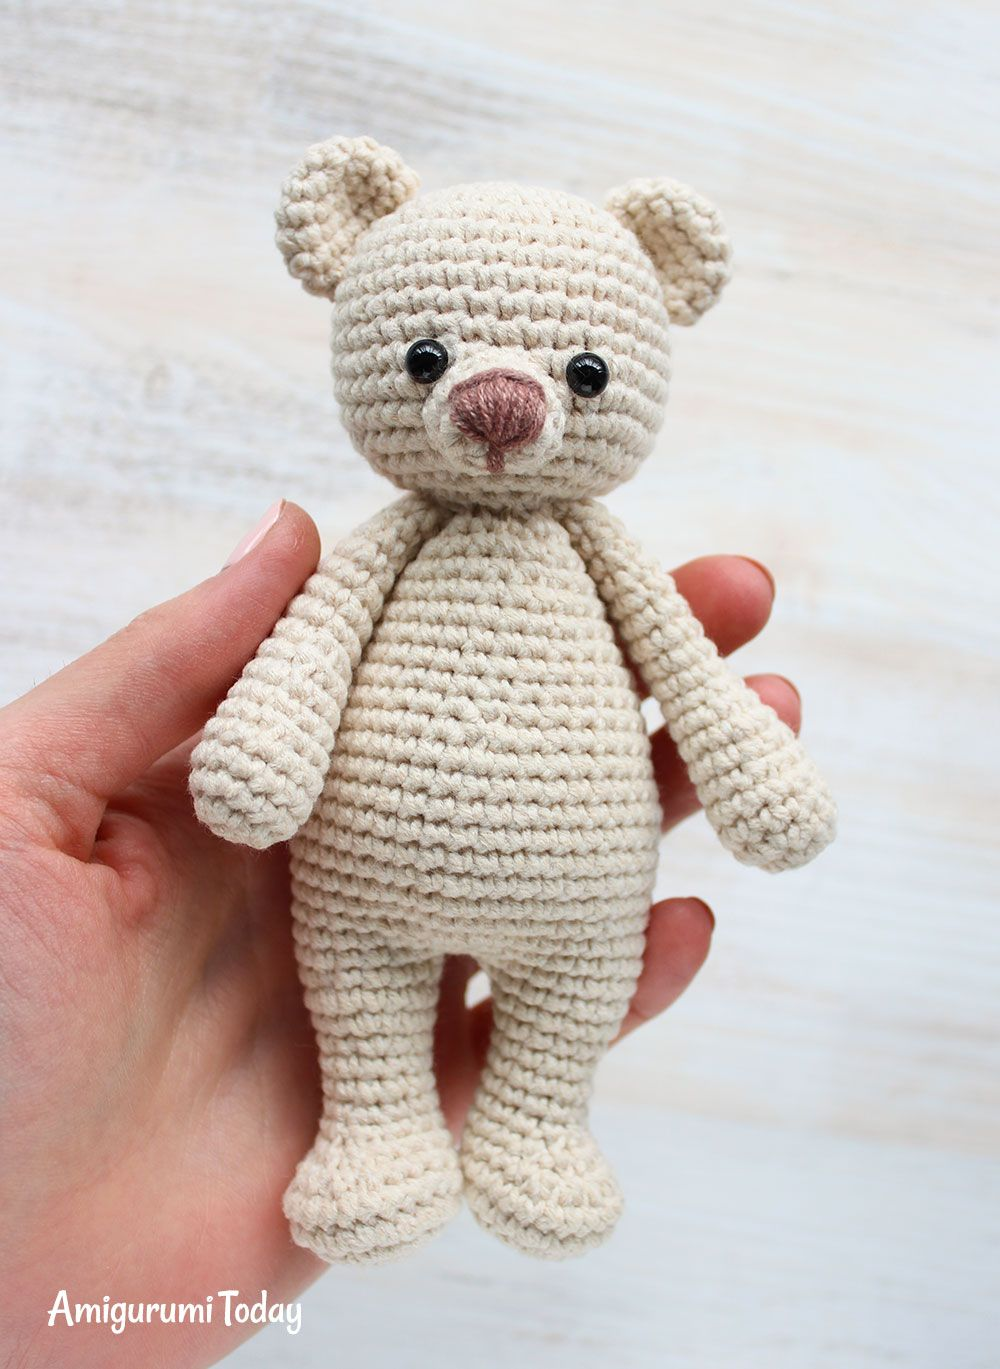 Cuddle me bear crochet tutorial crochet pinterest cuddling cuddle me bear crochet tutorial free pattern bankloansurffo Choice Image